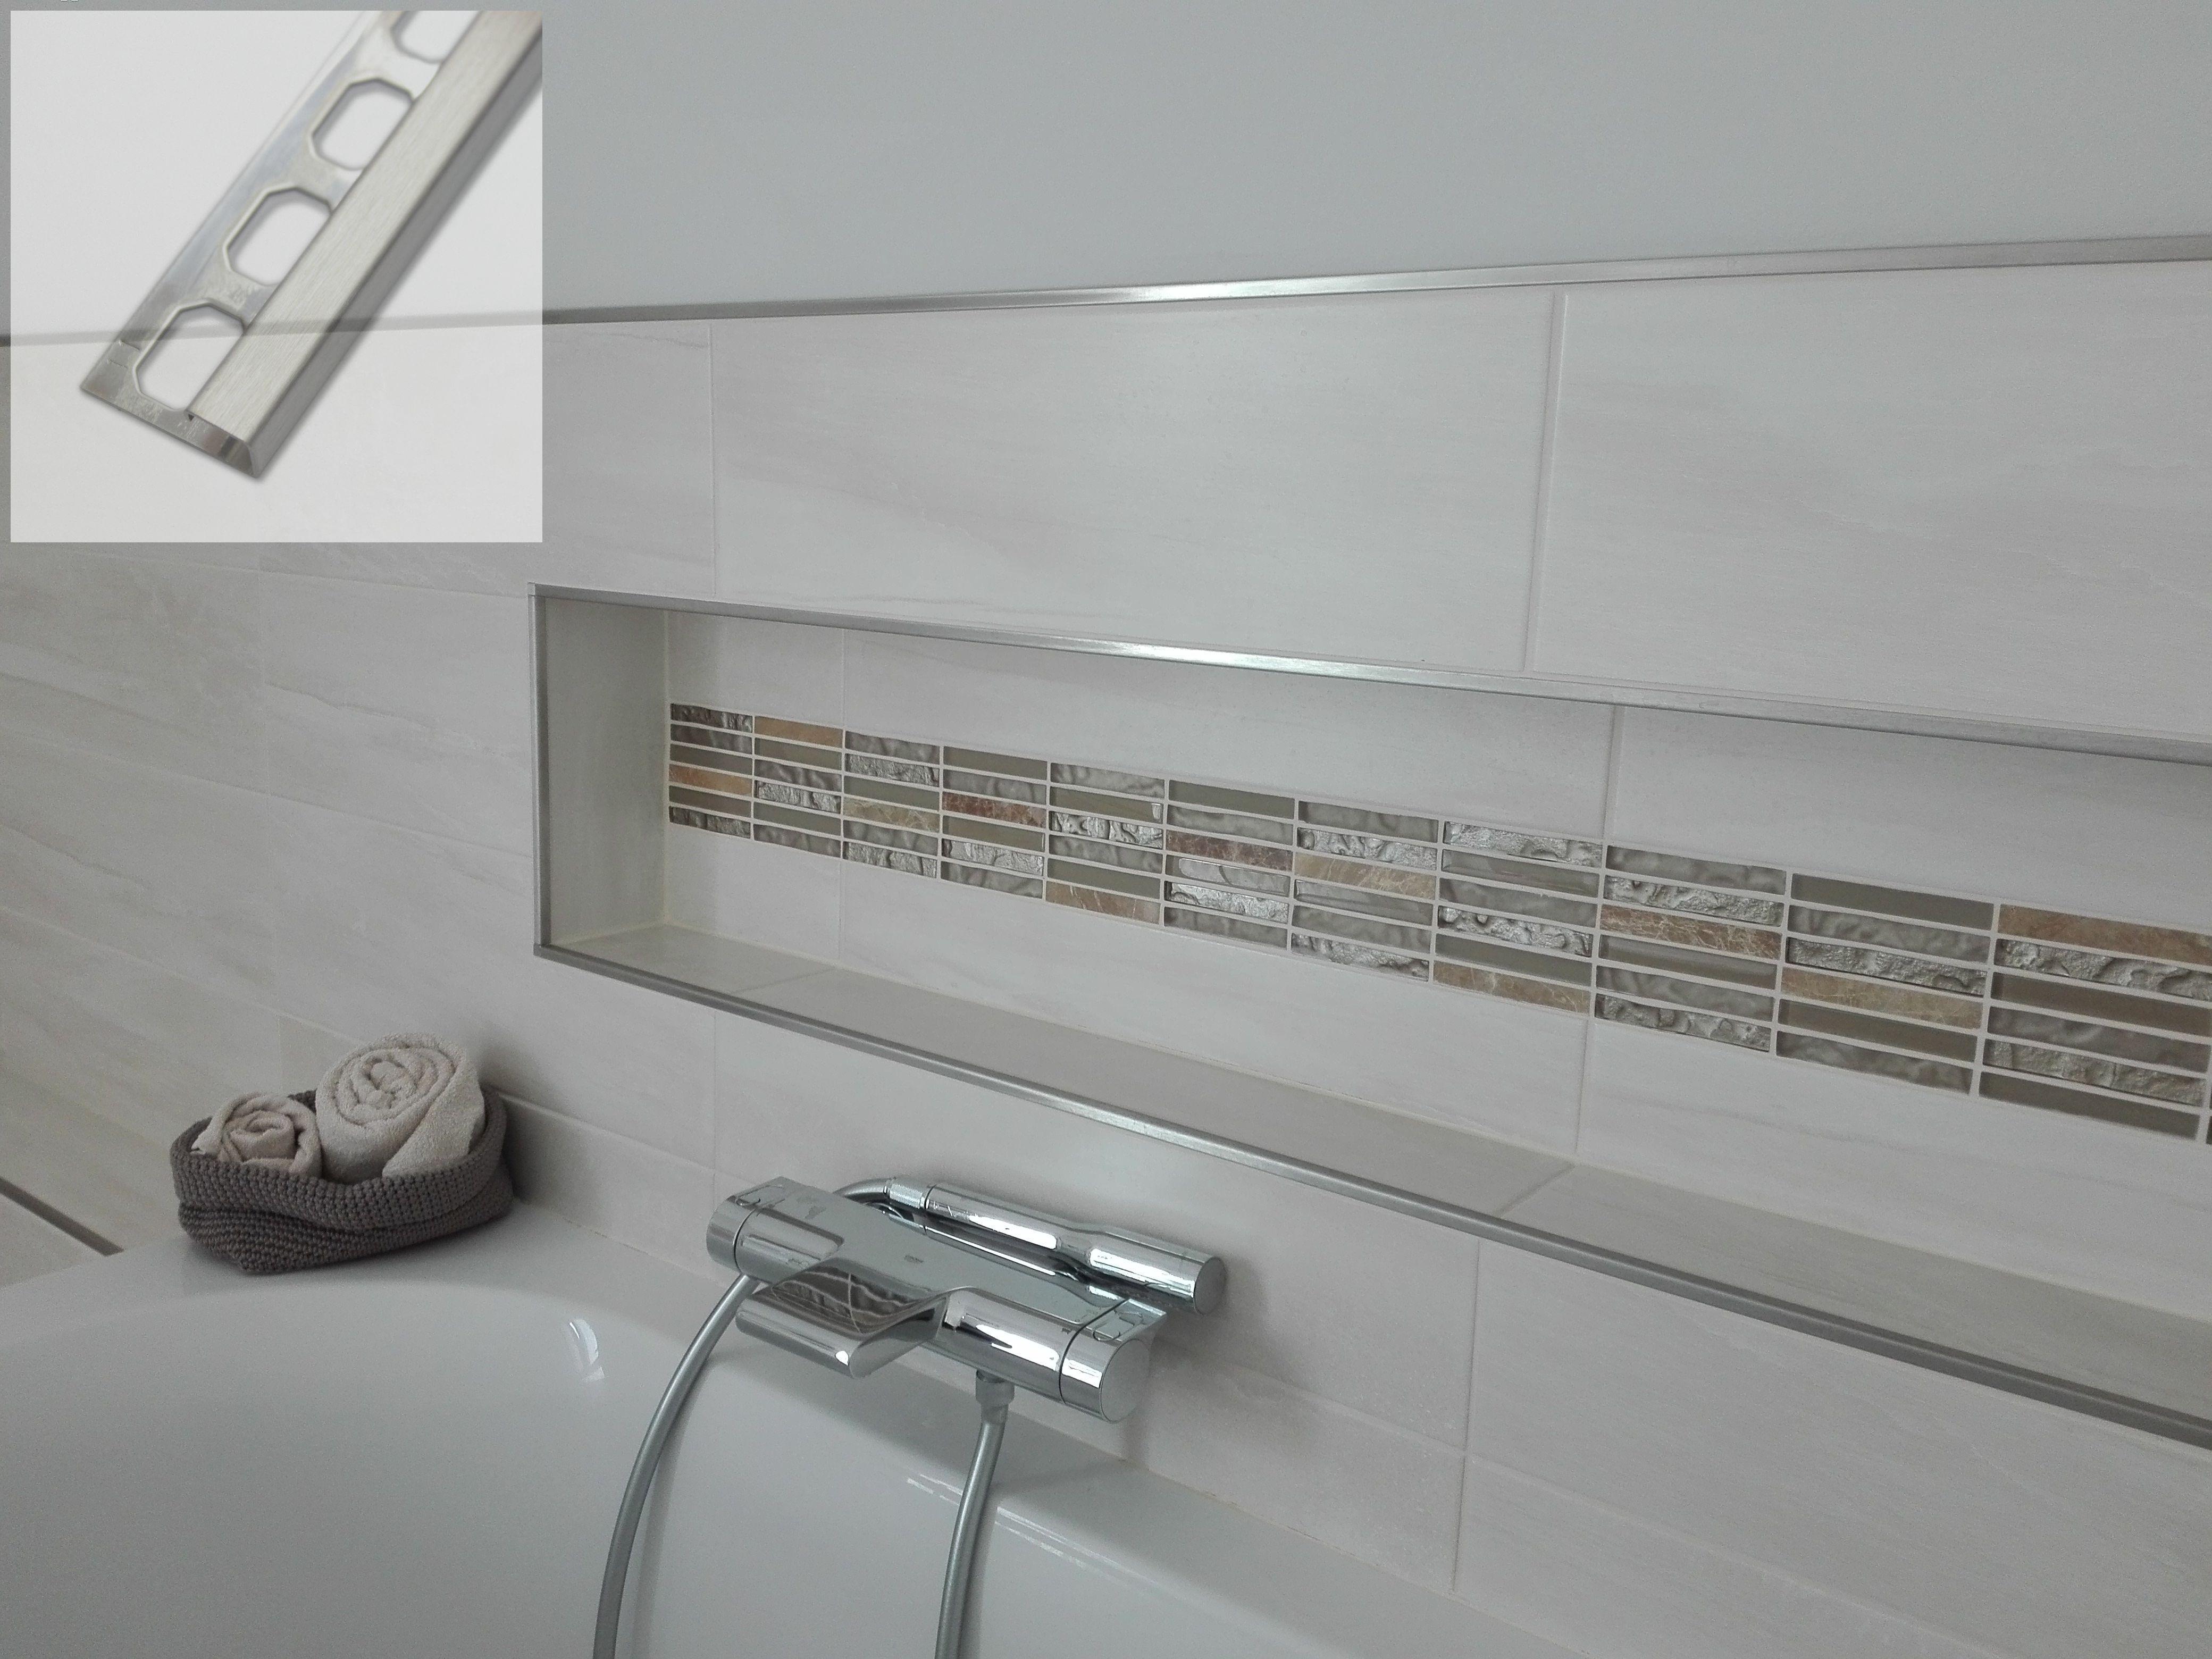 Bei Uns Erhalten Sie Edelstahl V2a Quadroprofile In 2 5m Diese Eignet Sich Zum Sauberen Abschluss Von Wandecken Badezimmergestaltung Badezimmerideen Edelstahl